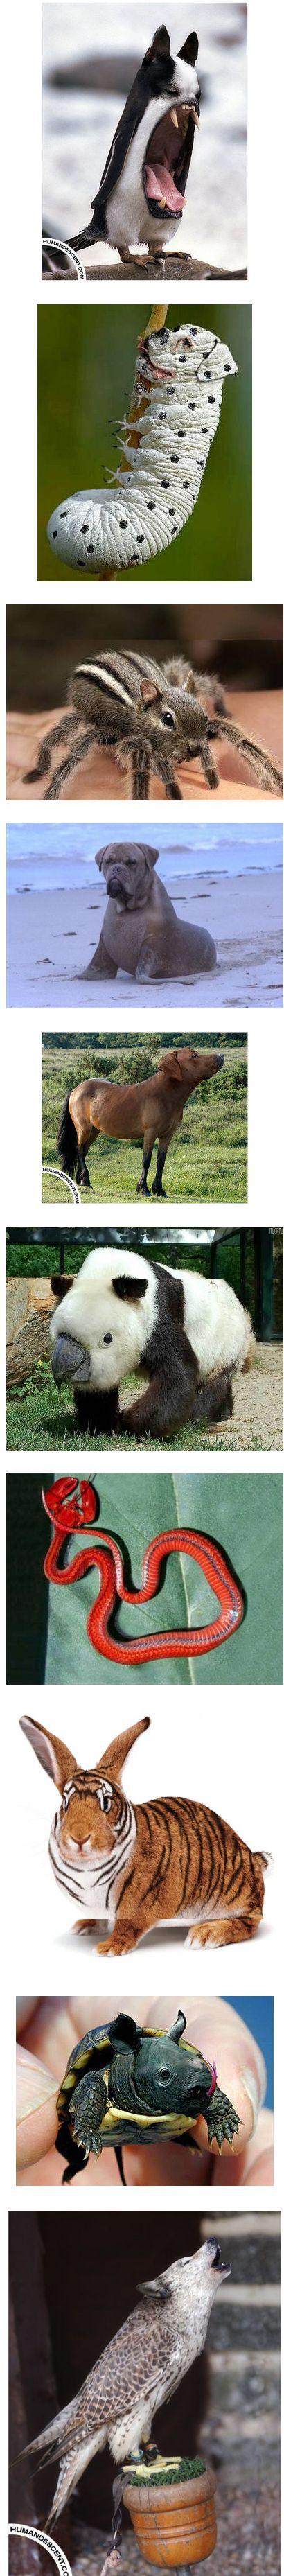 Cool photoshopped animals